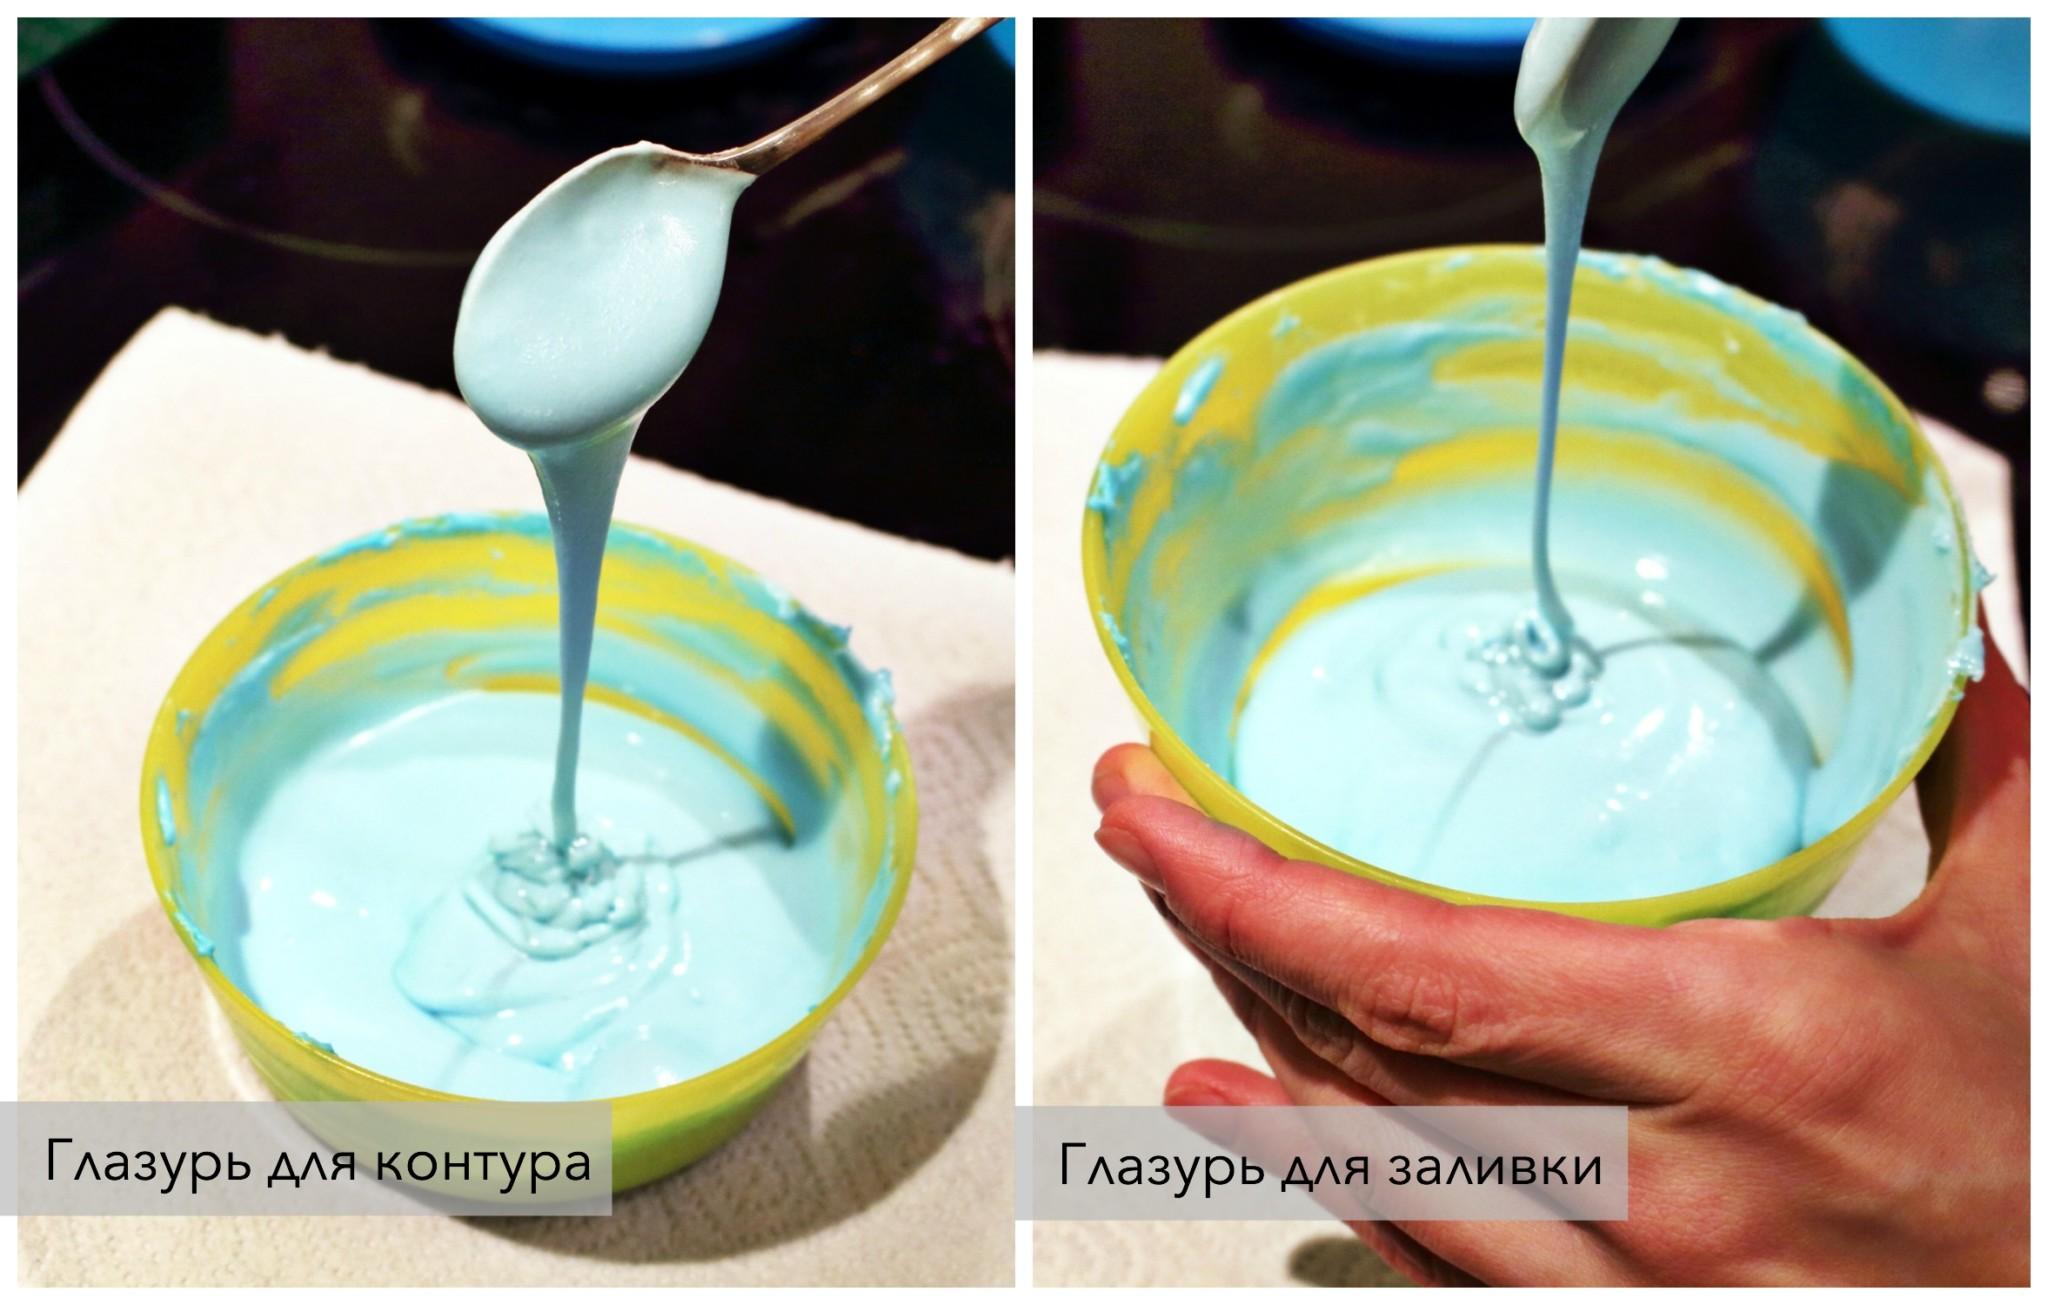 Как украсить печенья глазурью. Рецепт и пошаговый мастер-класс | Блог Варвары Лялягиной «Дом, в который хочется приходить»